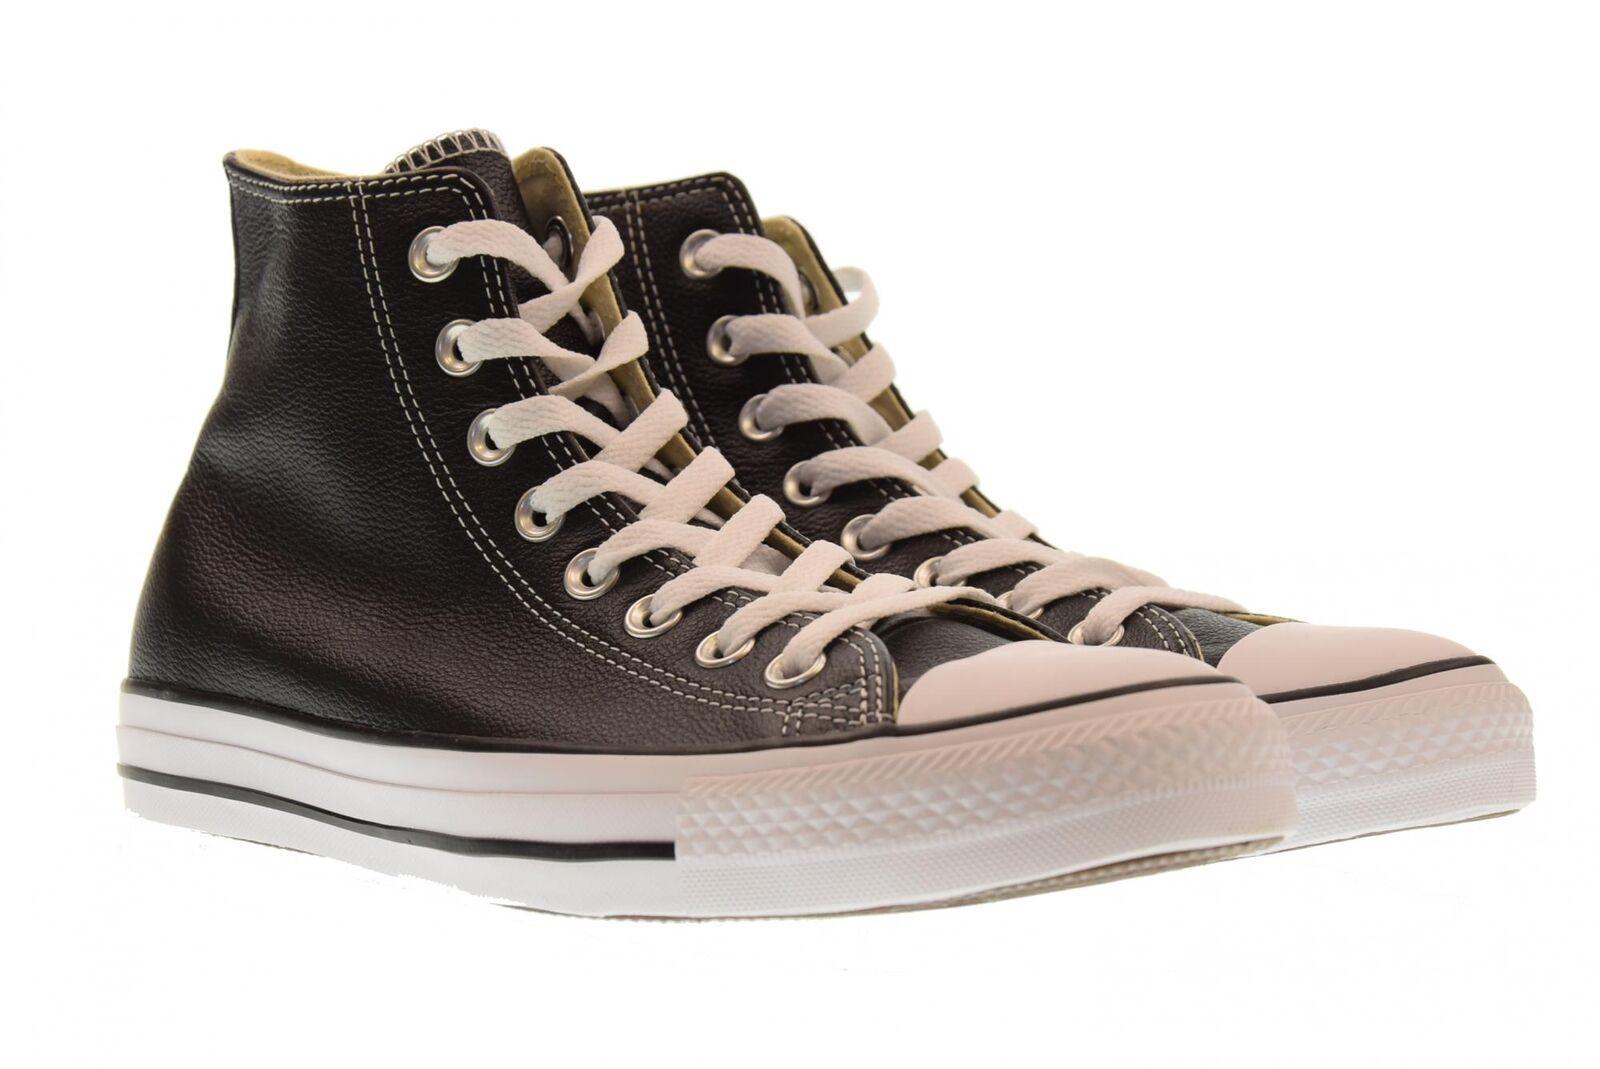 Converse A18f chaussures unisexes baskets baskets baskets hautes 132170C CT HI da7859